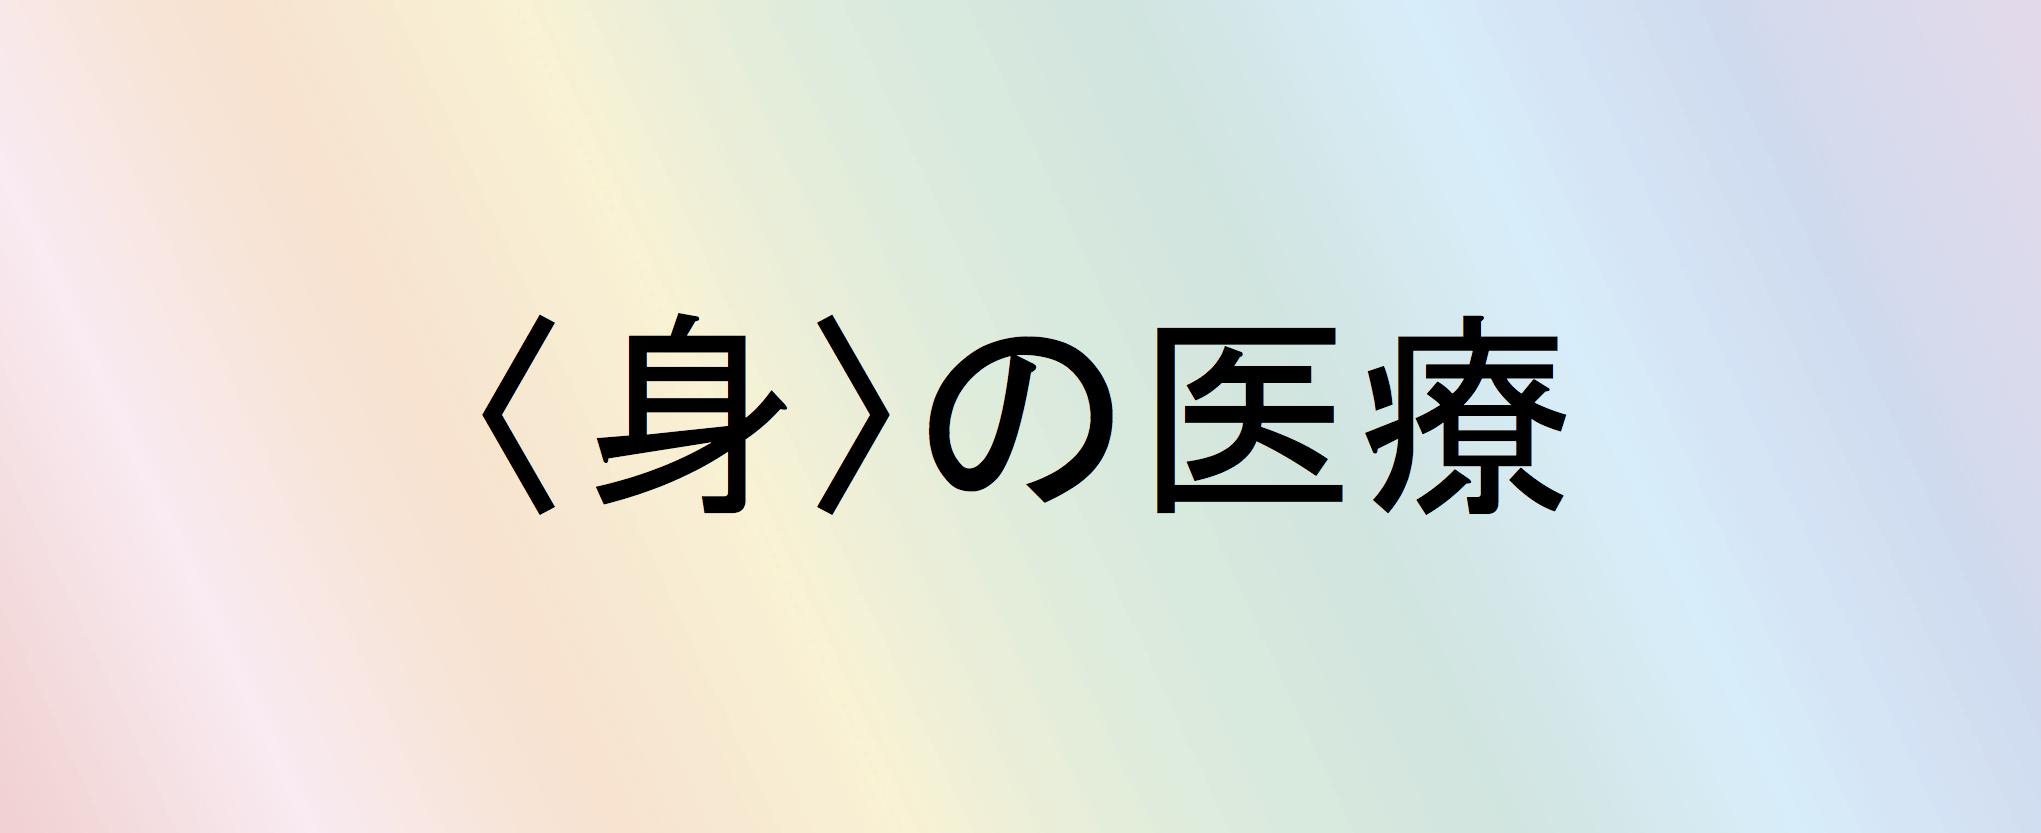 〈身〉の医療